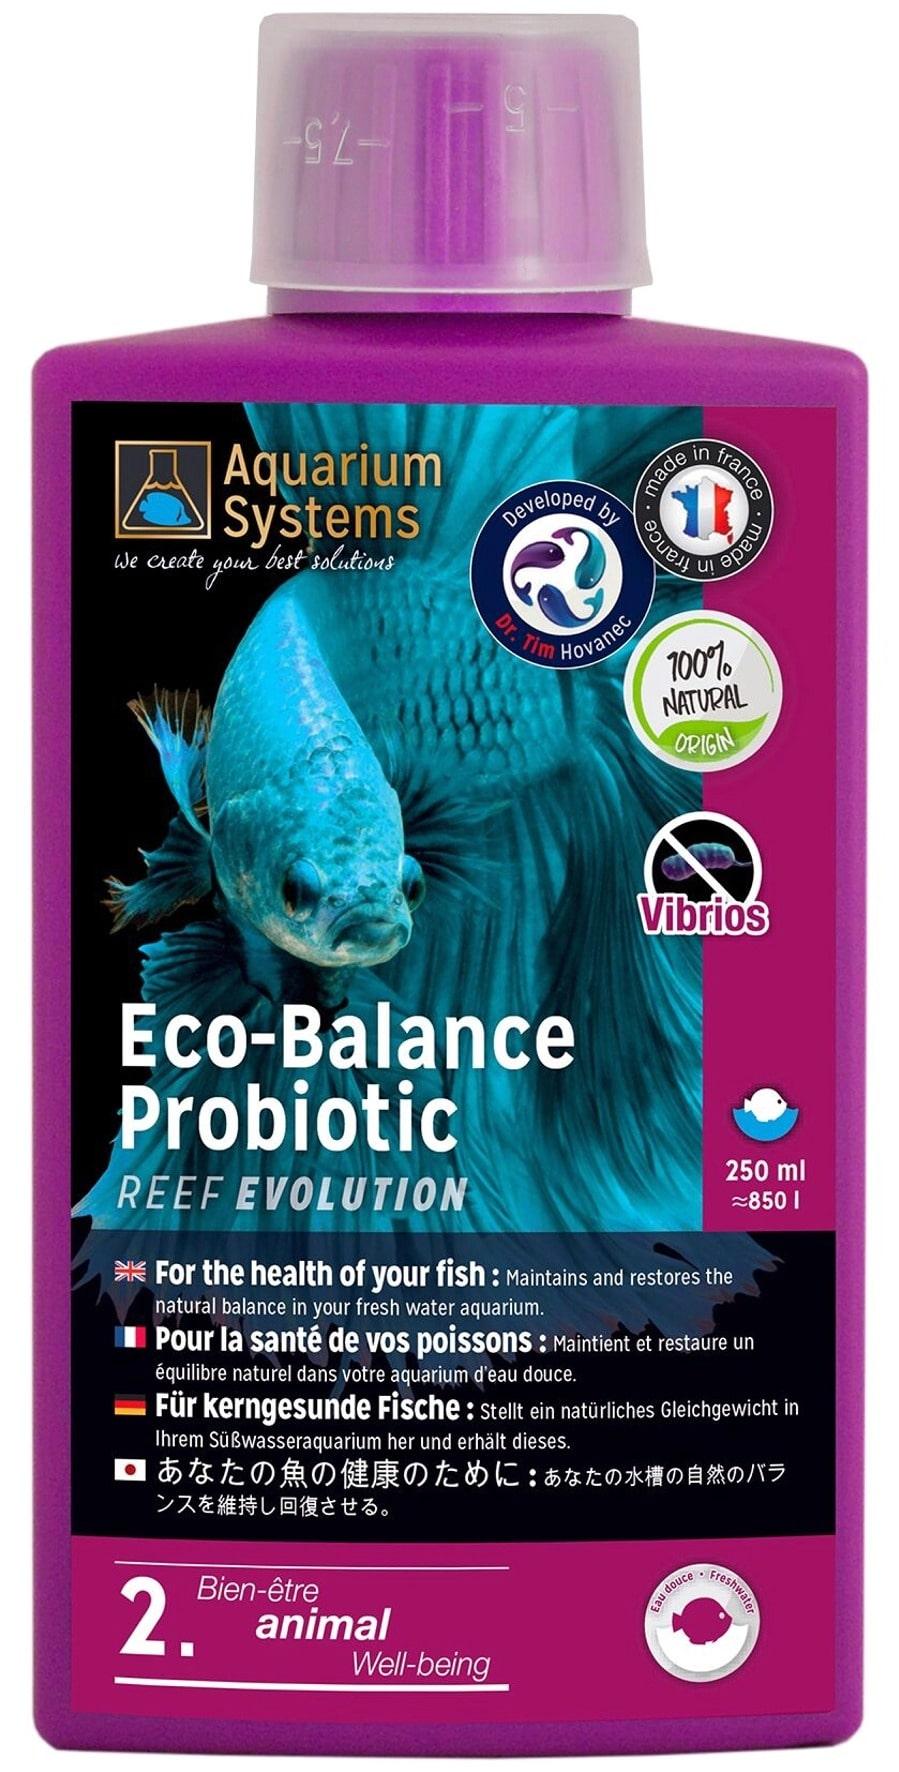 AQUARIUM SYSTEMS Eco-Balance Probiotic Eau Douce 250 ml bactéries probiotiques pour maintenir et restaurer l\'équilibre de l\'aquarium